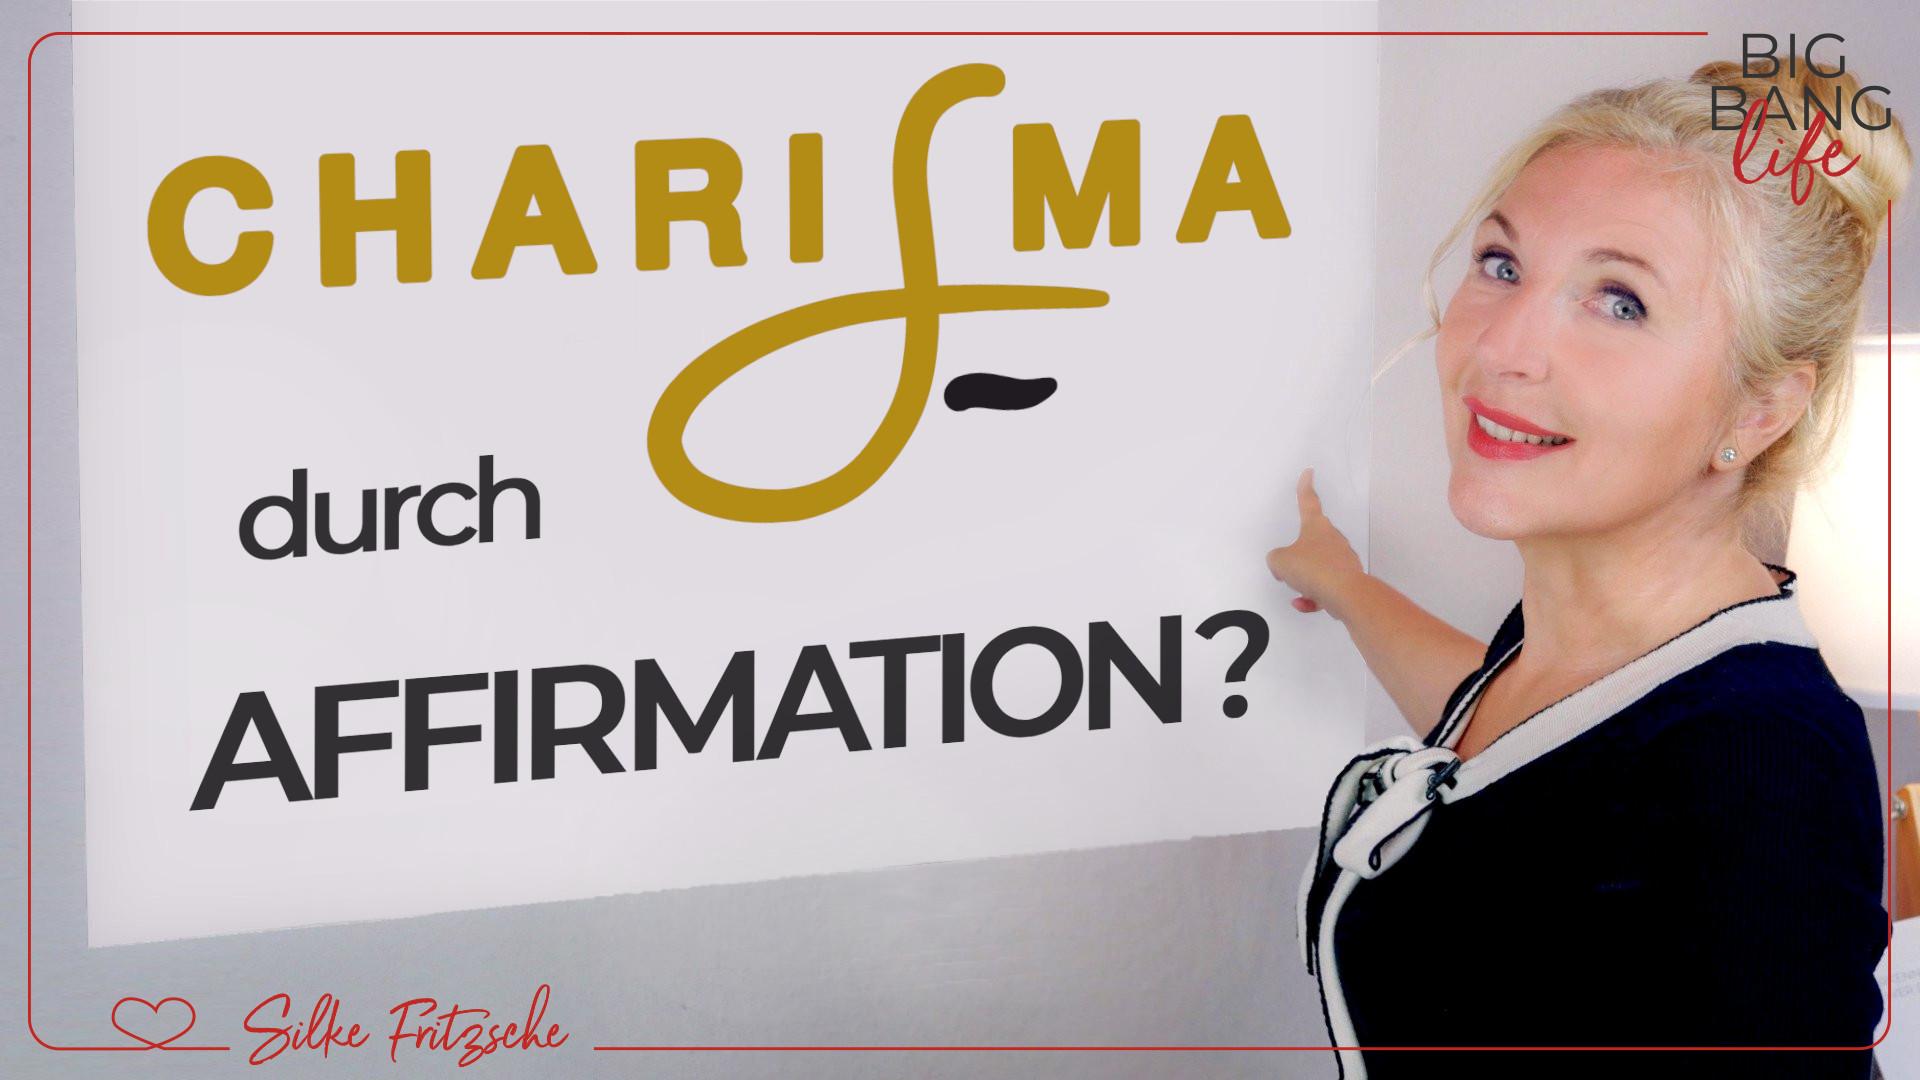 Welche Affirmation stärkt mein Charisma?